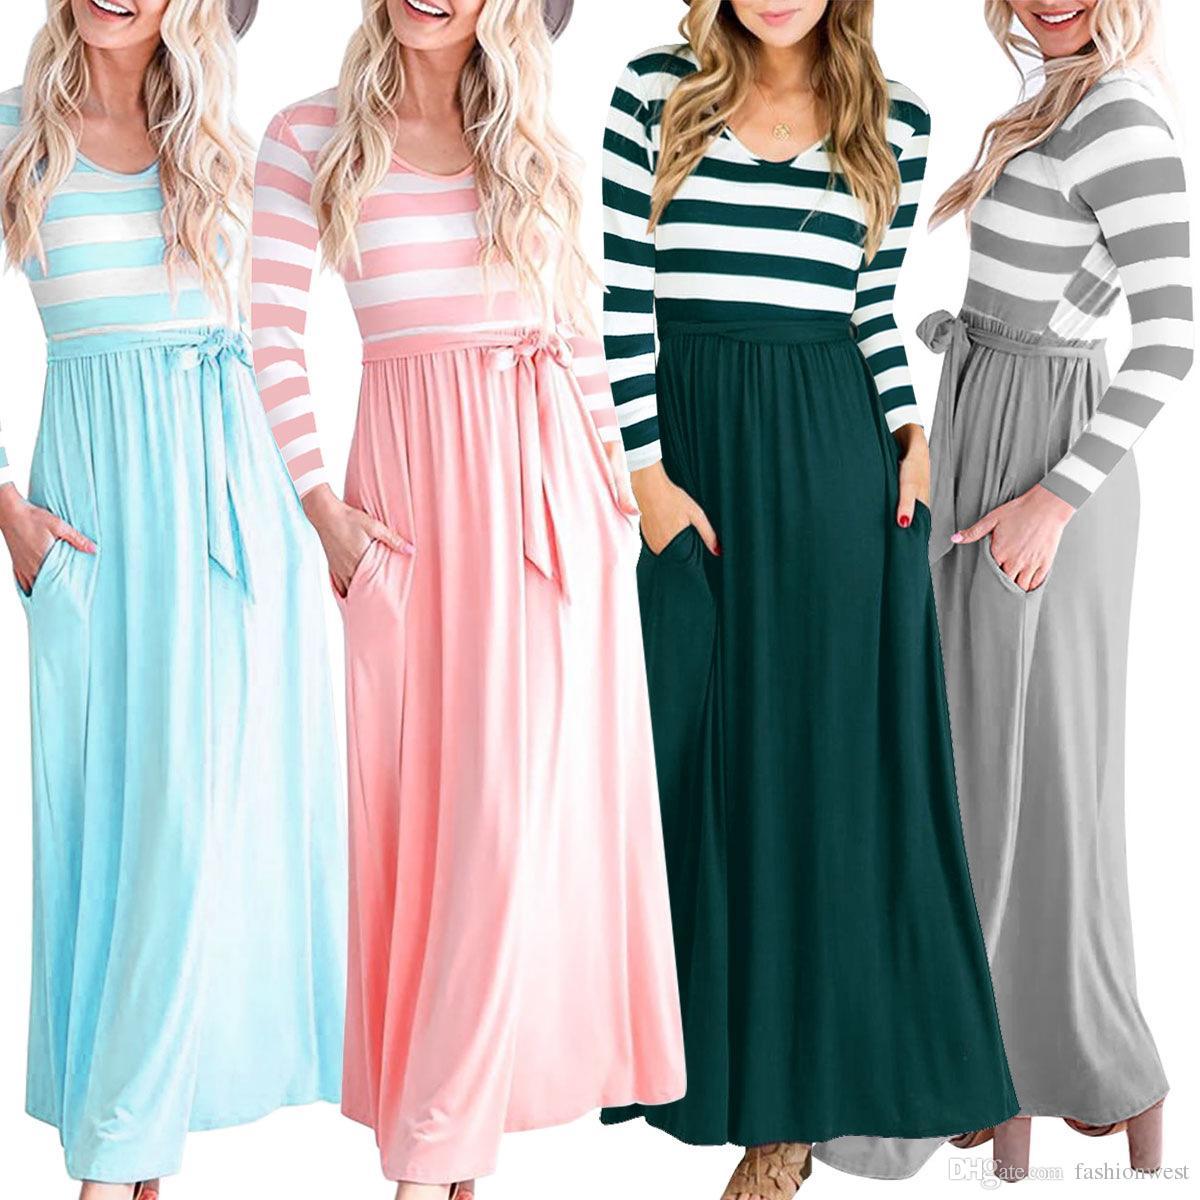 65119053337 Acheter Robes D été Femmes Robe Col Rond Manches Longues À Rayures Couture  Tenue Décontractée Des Femmes Mode Vêtements Une Jupe De  8.95 Du  Fashionwest ...